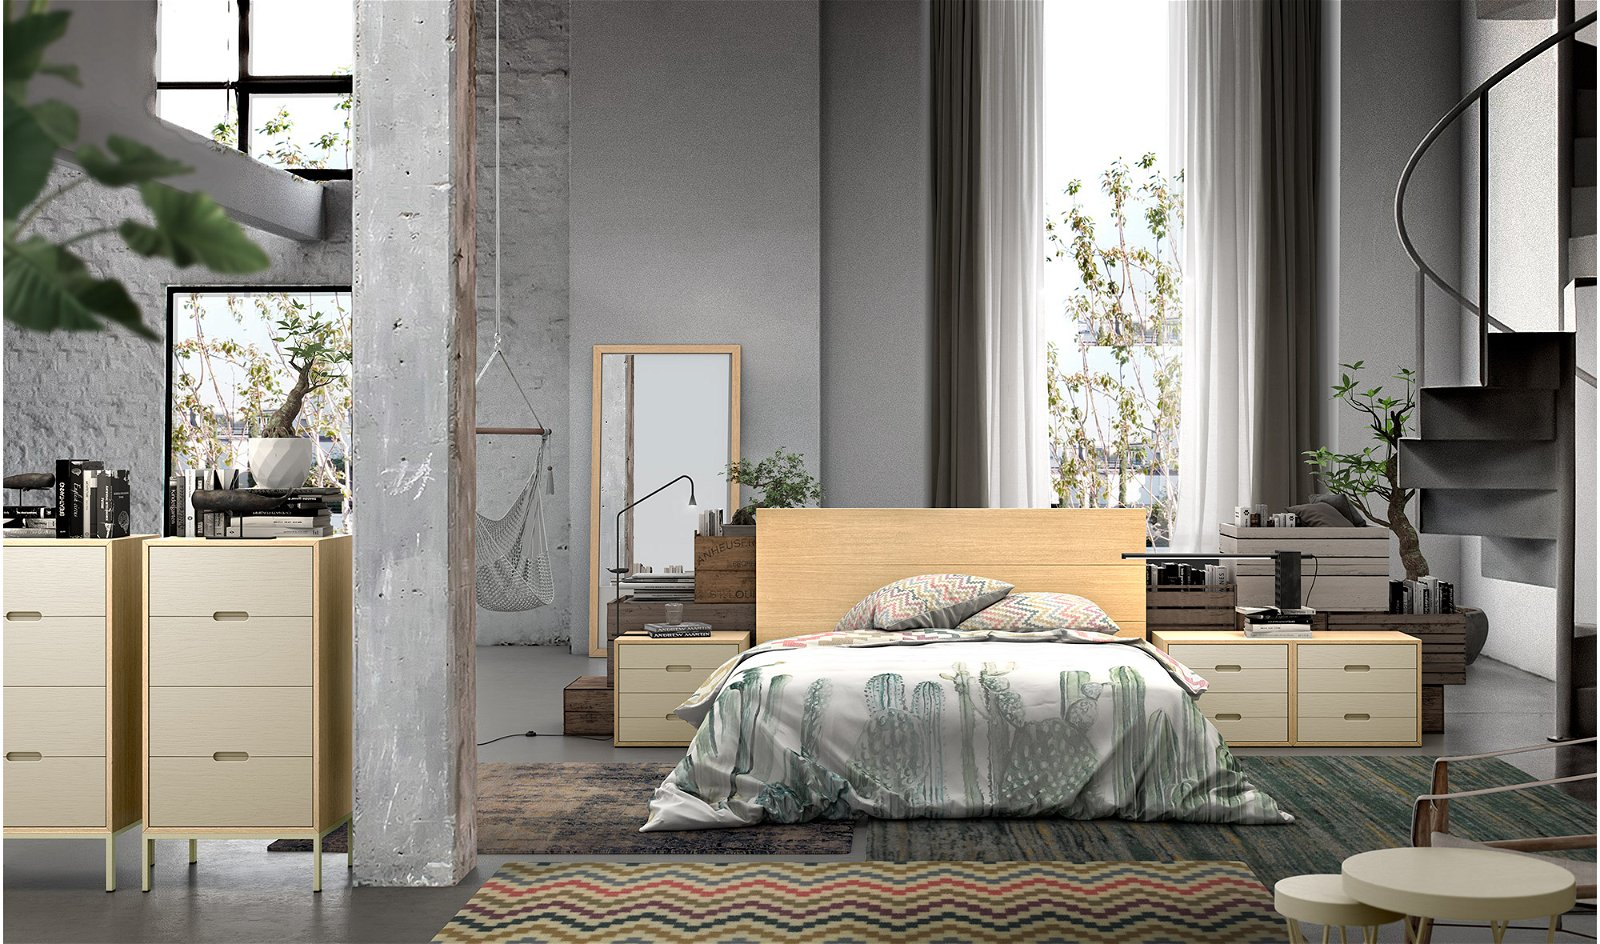 Dormitorio industrial Loft II